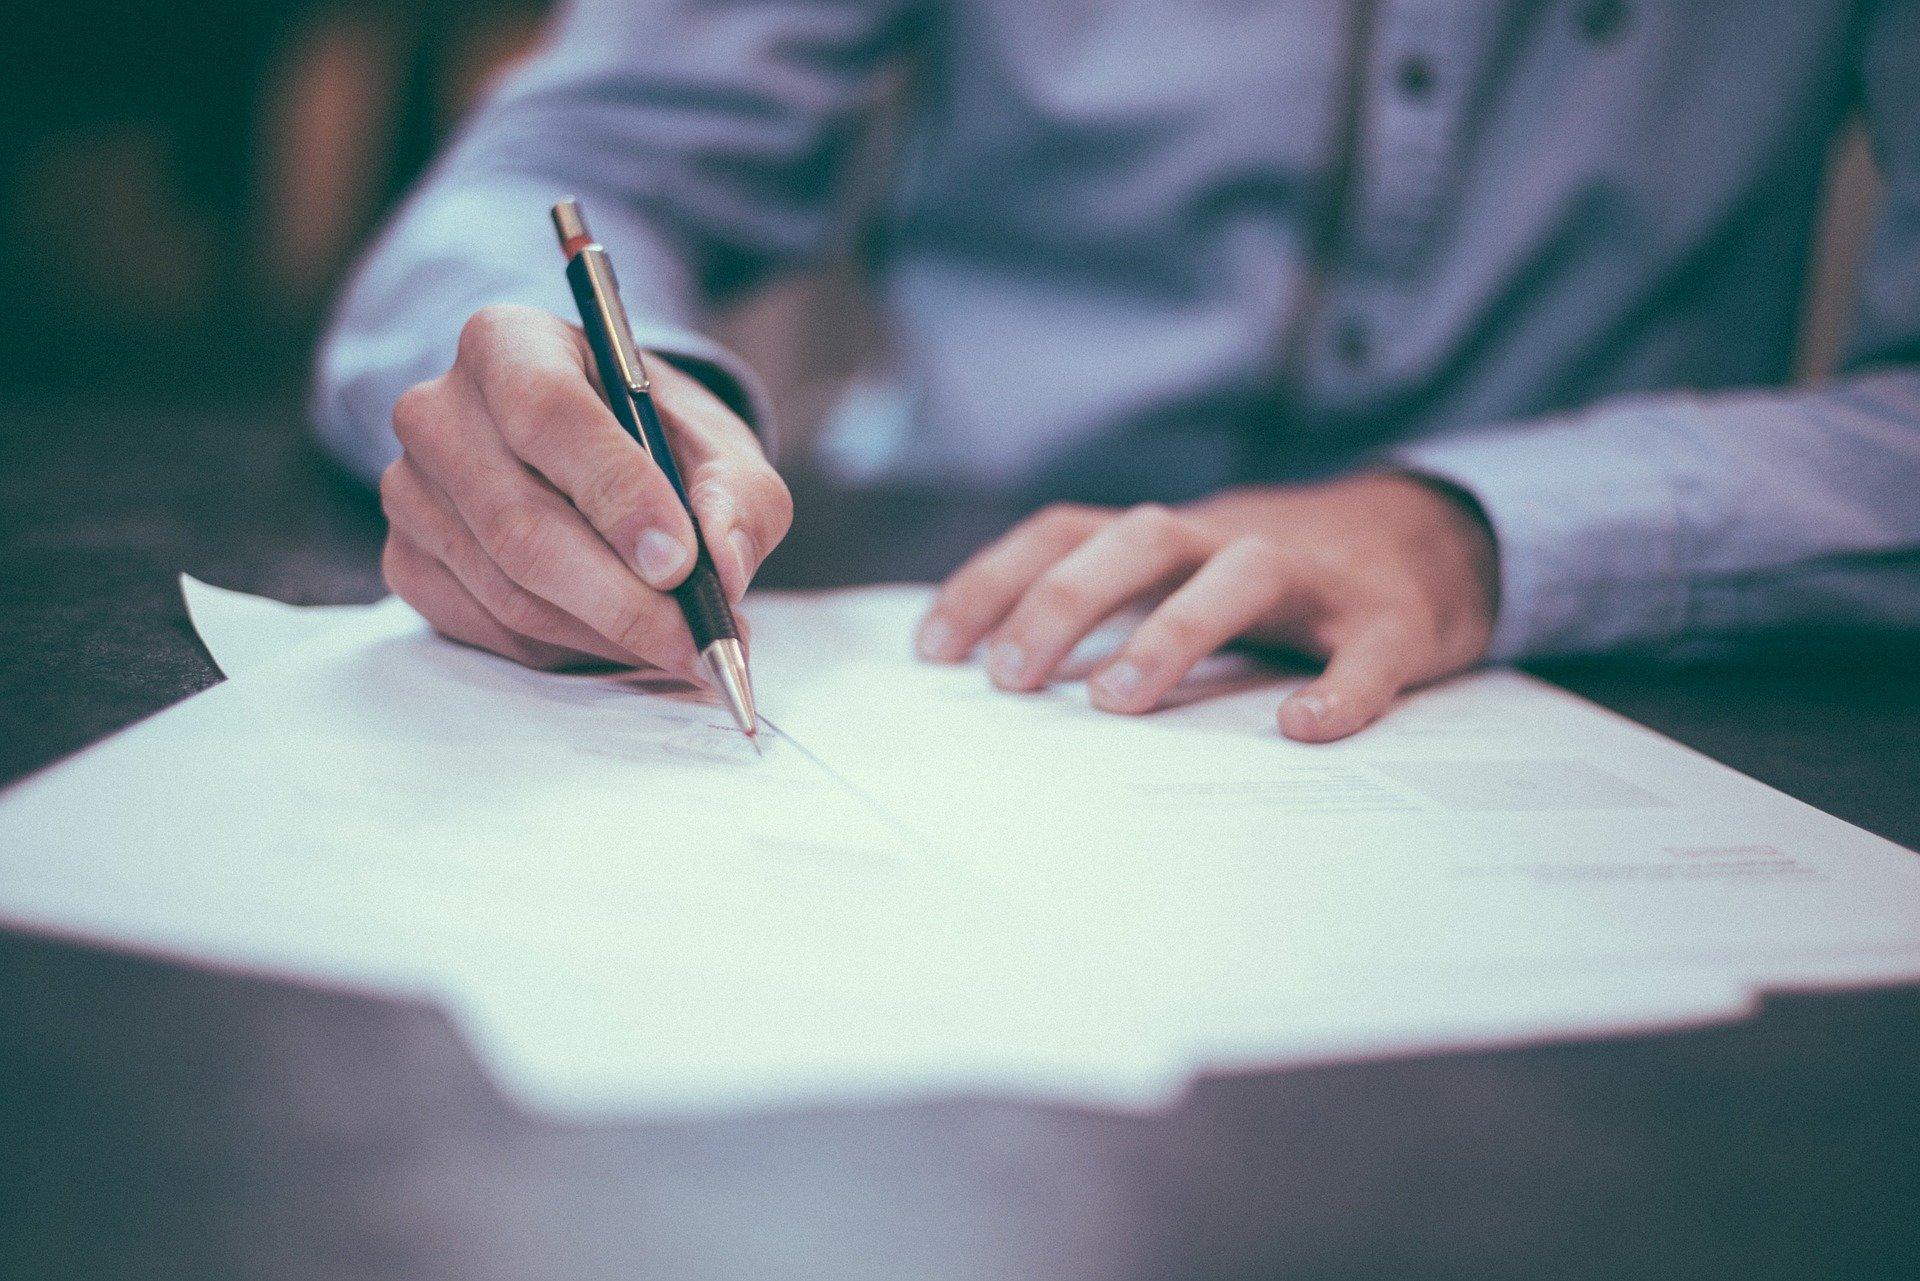 Dokumenty potrzebne do zatrudnienia pracownika